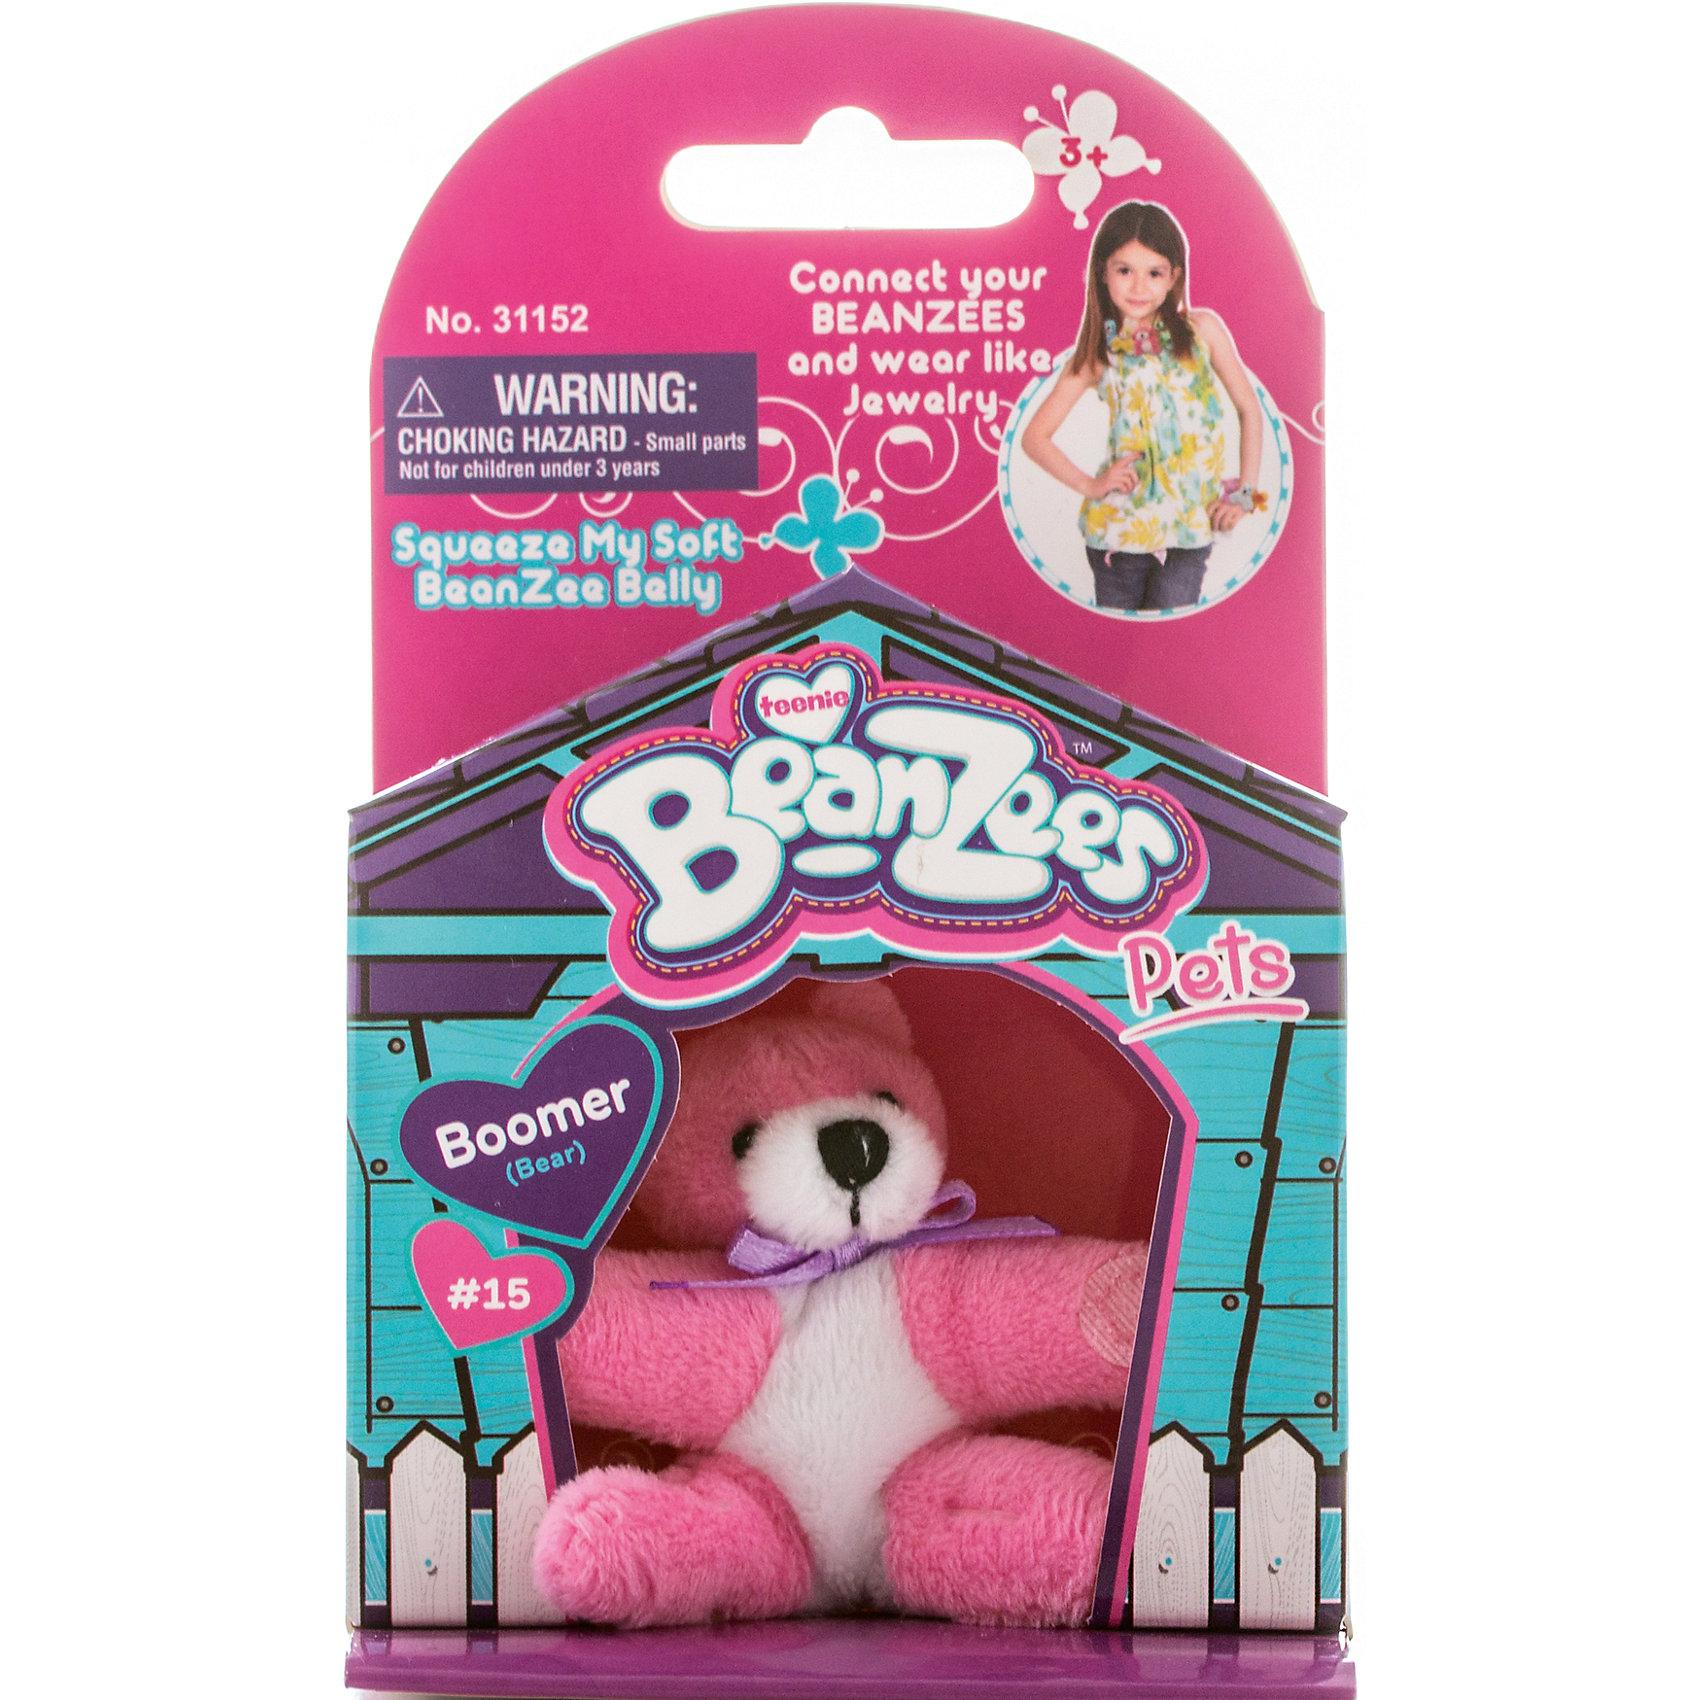 Мини-плюш Мишка розовый, BeanzeezХарактеристики товара:<br><br>• цвет: розовый<br>• особенности: наличие на лапках липучек, игрушку можно соединять с другими героями из серии<br>• материал: пластик, текстиль<br>• размер упаковки: 9х5,5х14,5 см.<br>• высота игрушки: 5 см<br>• возраст: от 3 лет<br>• страна бренда: США<br>• страна производства: Китай<br><br>Такая симпатичная игрушка не оставит ребенка равнодушным! Какой малыш откажется поиграть с маленькими плюшевыми игрушками из большой пушистой коллекции?! Игрушки очень качественно выполнены, поэтому такая фигурка станет отличным подарком ребенку. Благодаря липучкам на лапках животных можно соединить между собой. Дети приходят в восторг от этих игрушек!<br>Такие предметы помогают ребенку отрабатывать новые навыки и способности - развивать ловкость, мелкую моторику, воображение, мышление, логику. Изделие производится из качественных сертифицированных материалов, безопасных даже для самых маленьких.<br><br>Мини-плюш Мишка розовый от бренда Beanzeez можно купить в нашем интернет-магазине.<br><br>Ширина мм: 50<br>Глубина мм: 140<br>Высота мм: 85<br>Вес г: 73<br>Возраст от месяцев: 36<br>Возраст до месяцев: 2147483647<br>Пол: Женский<br>Возраст: Детский<br>SKU: 5218670